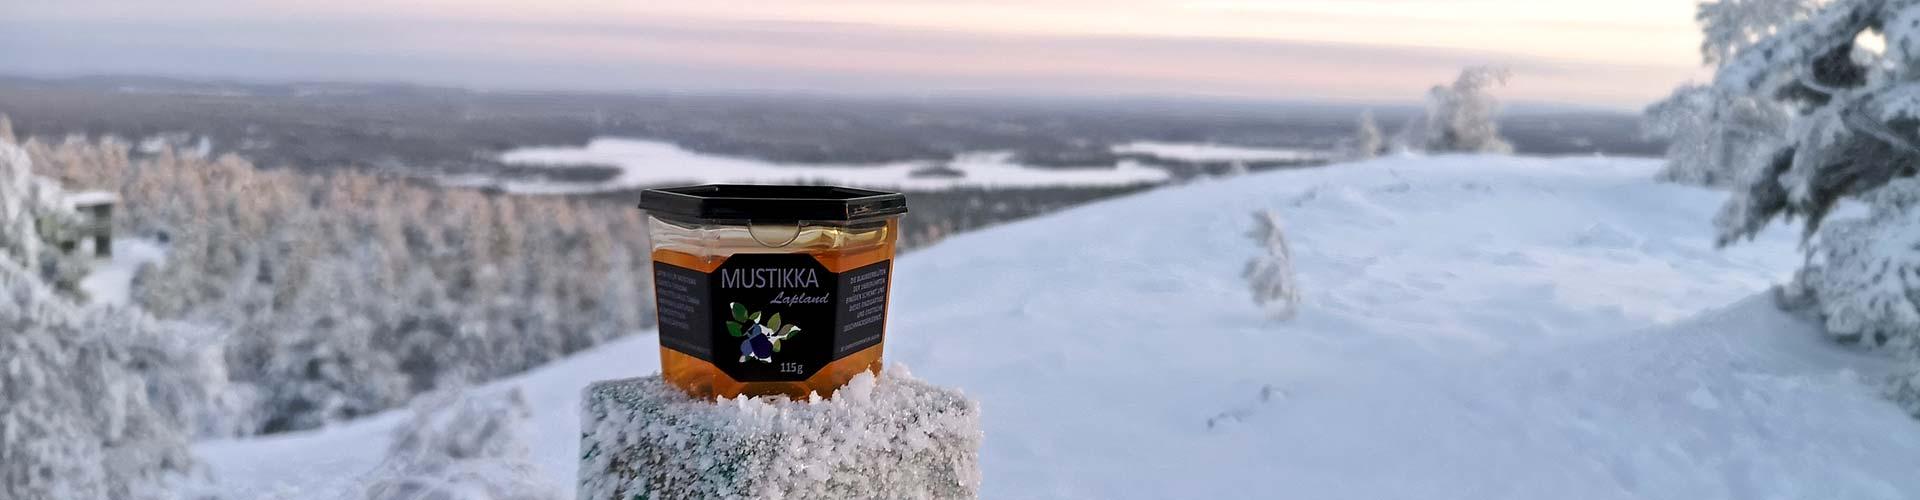 Im Geschmack des Blaubeer Lapland Honigs lassen sich Aprikose und Schokolade erahnen.